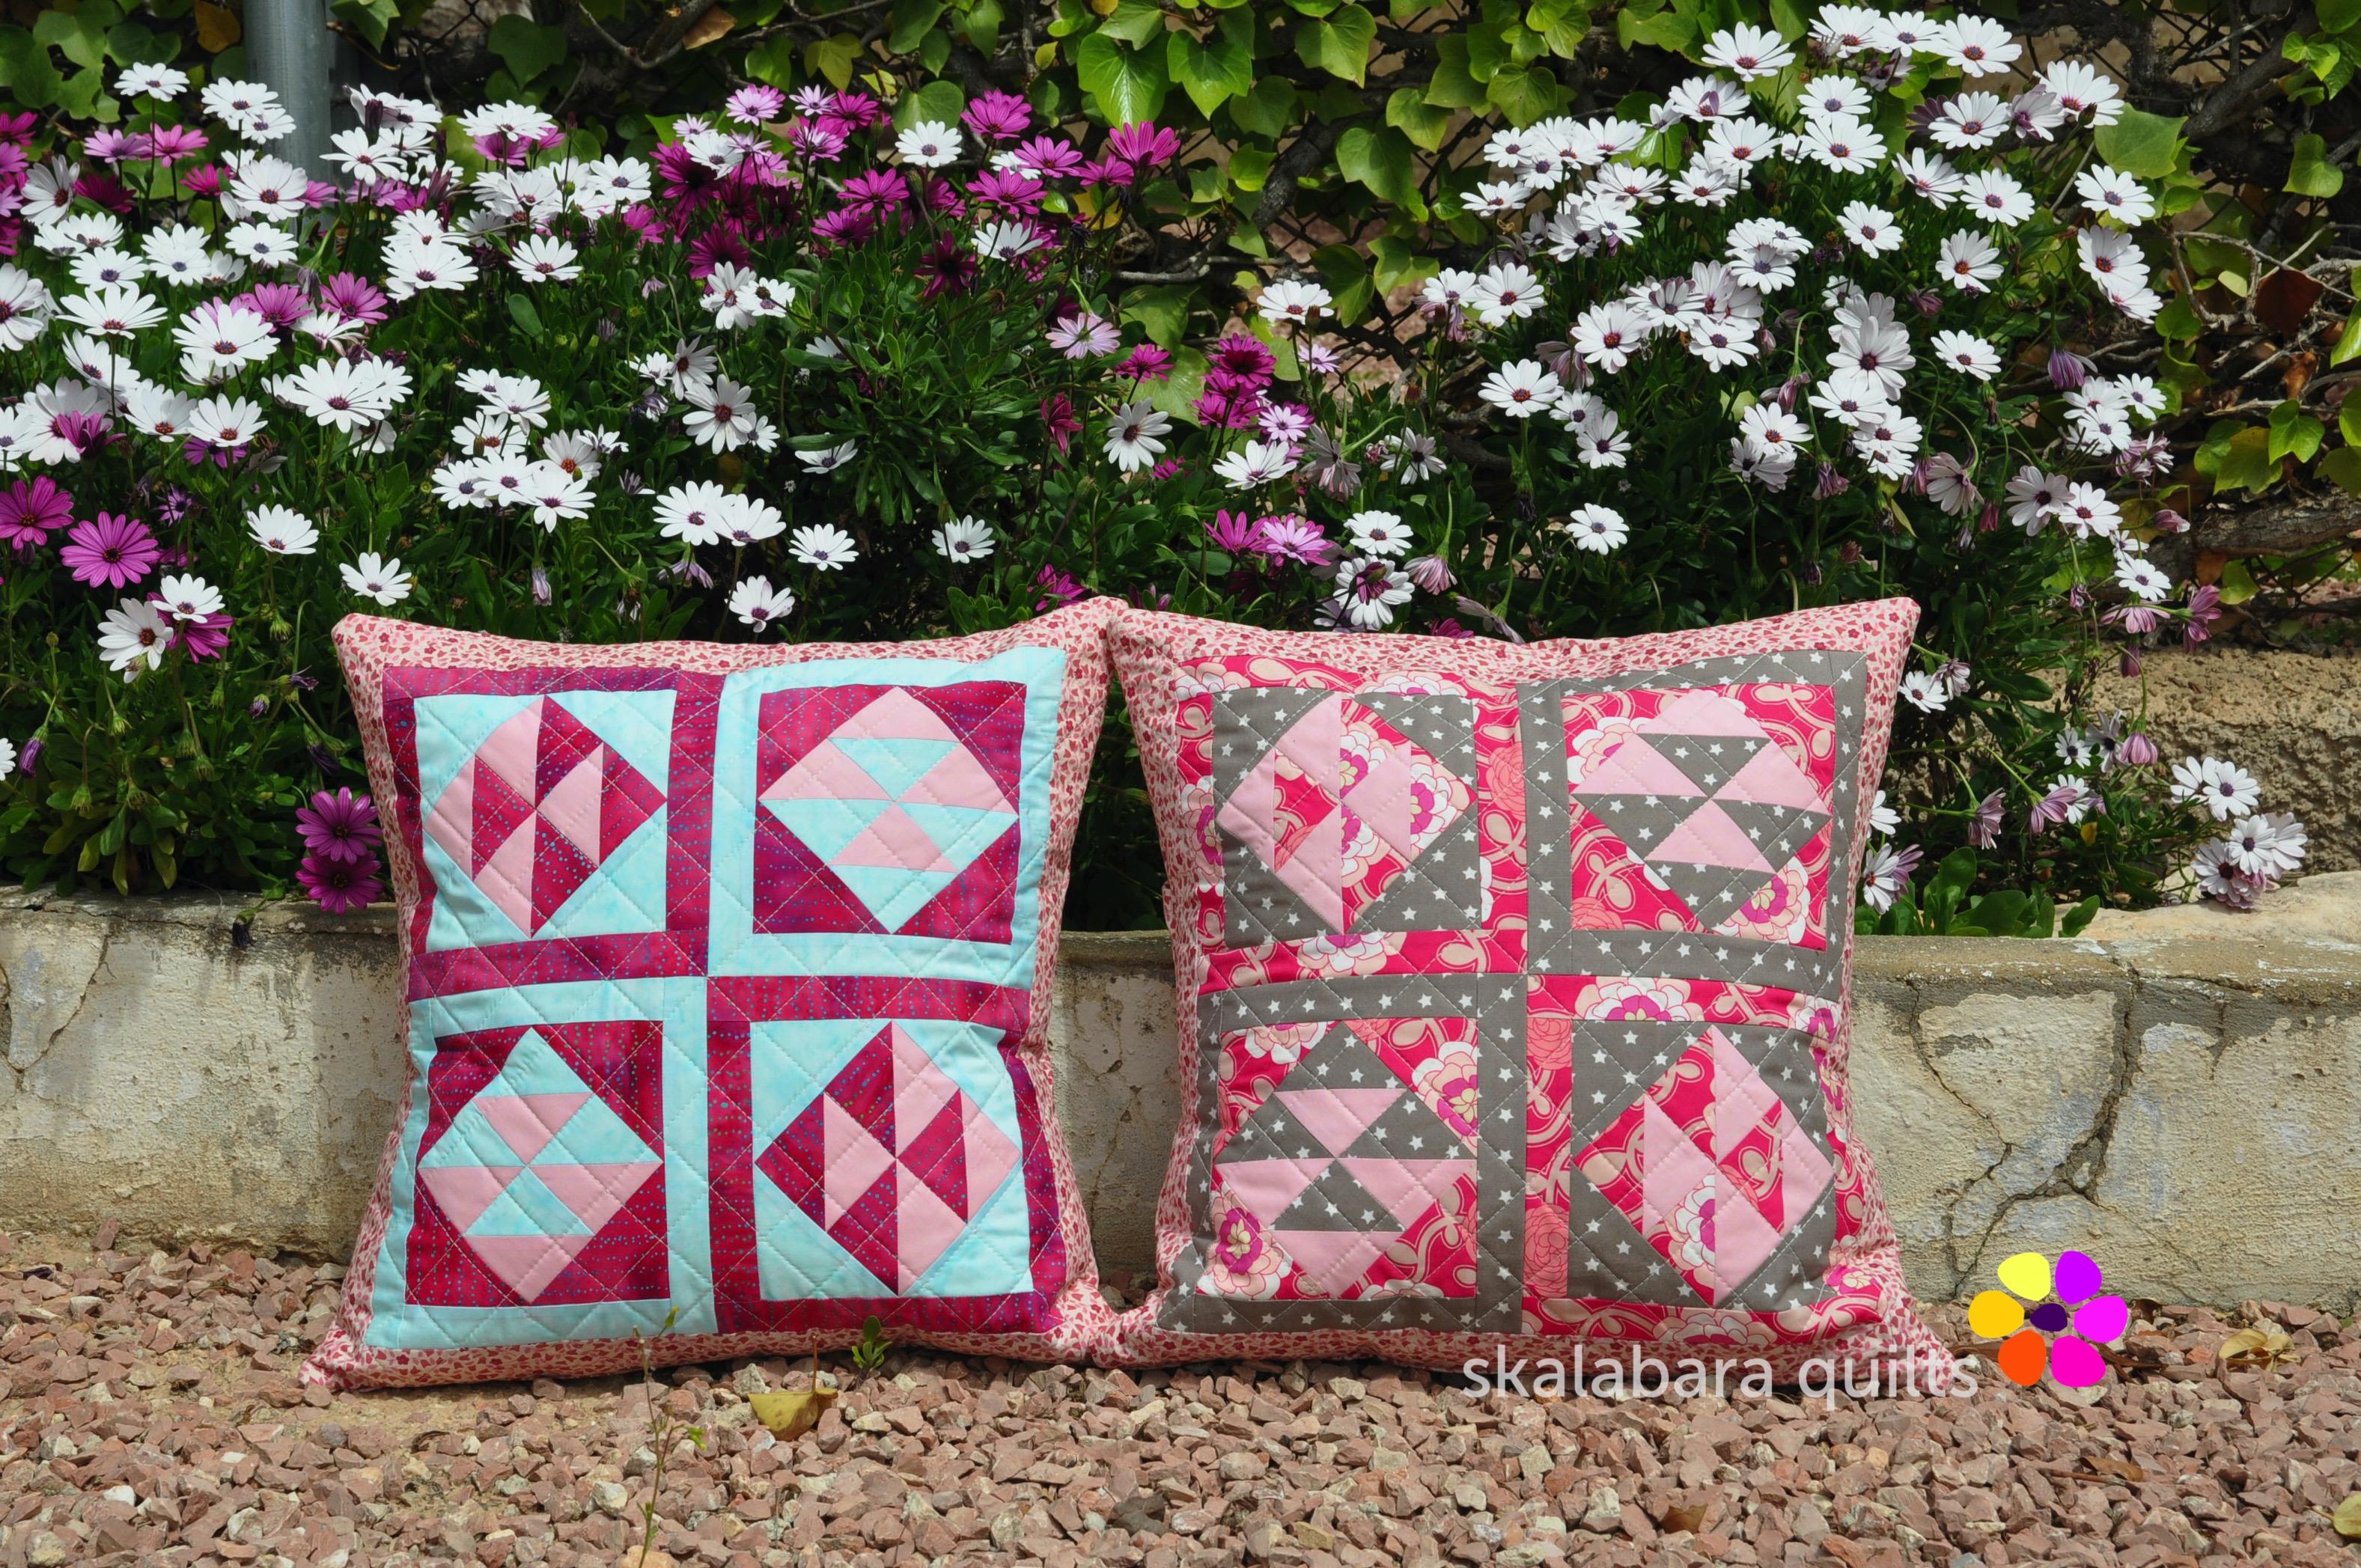 broken dishes cushions 5 - skalabara quilts